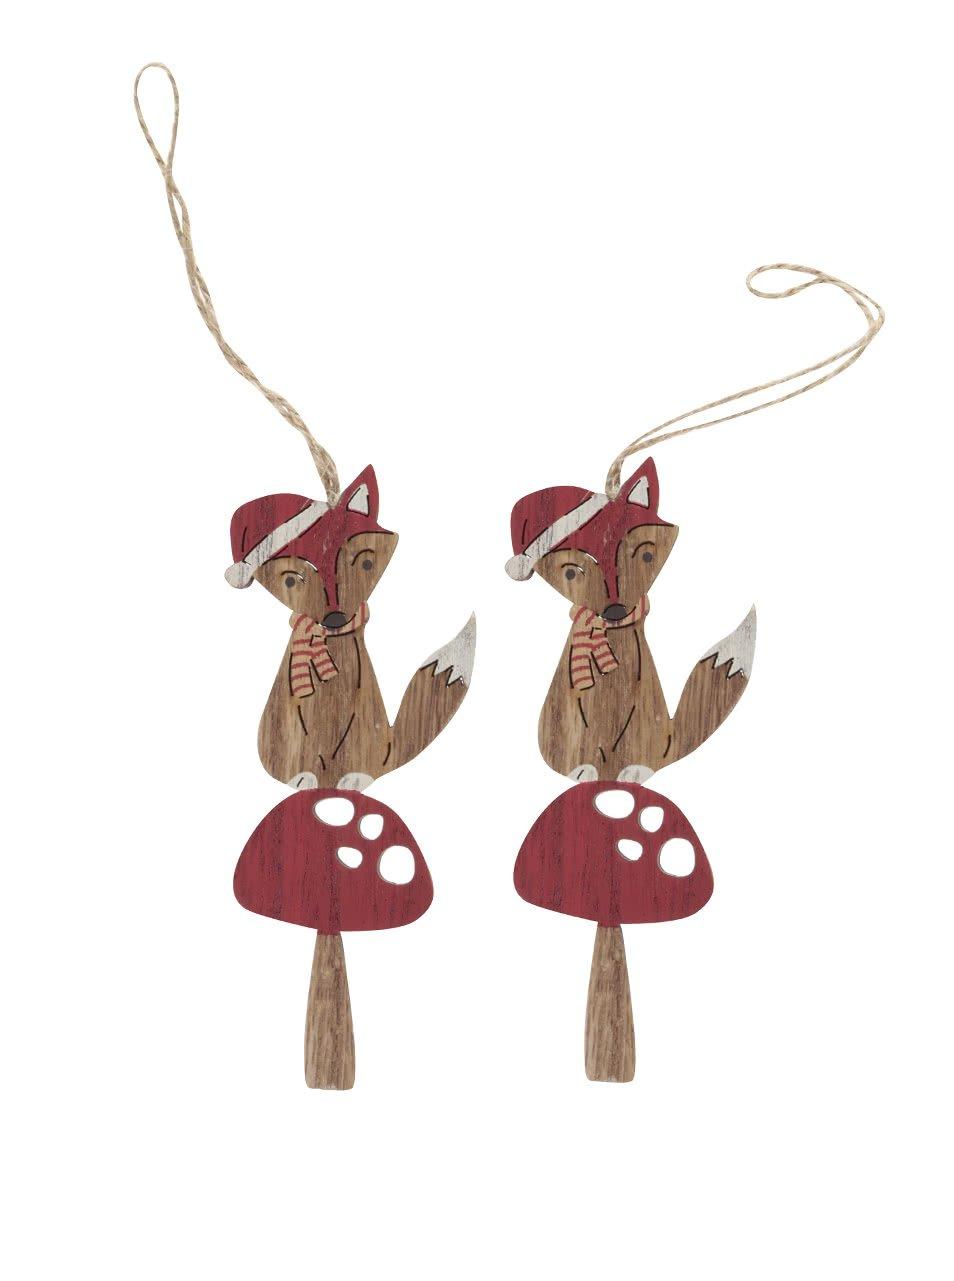 Sada dvou dřevěných závěsných ozdob ve tvaru lišky na muchomůrce Sass & Belle Festive